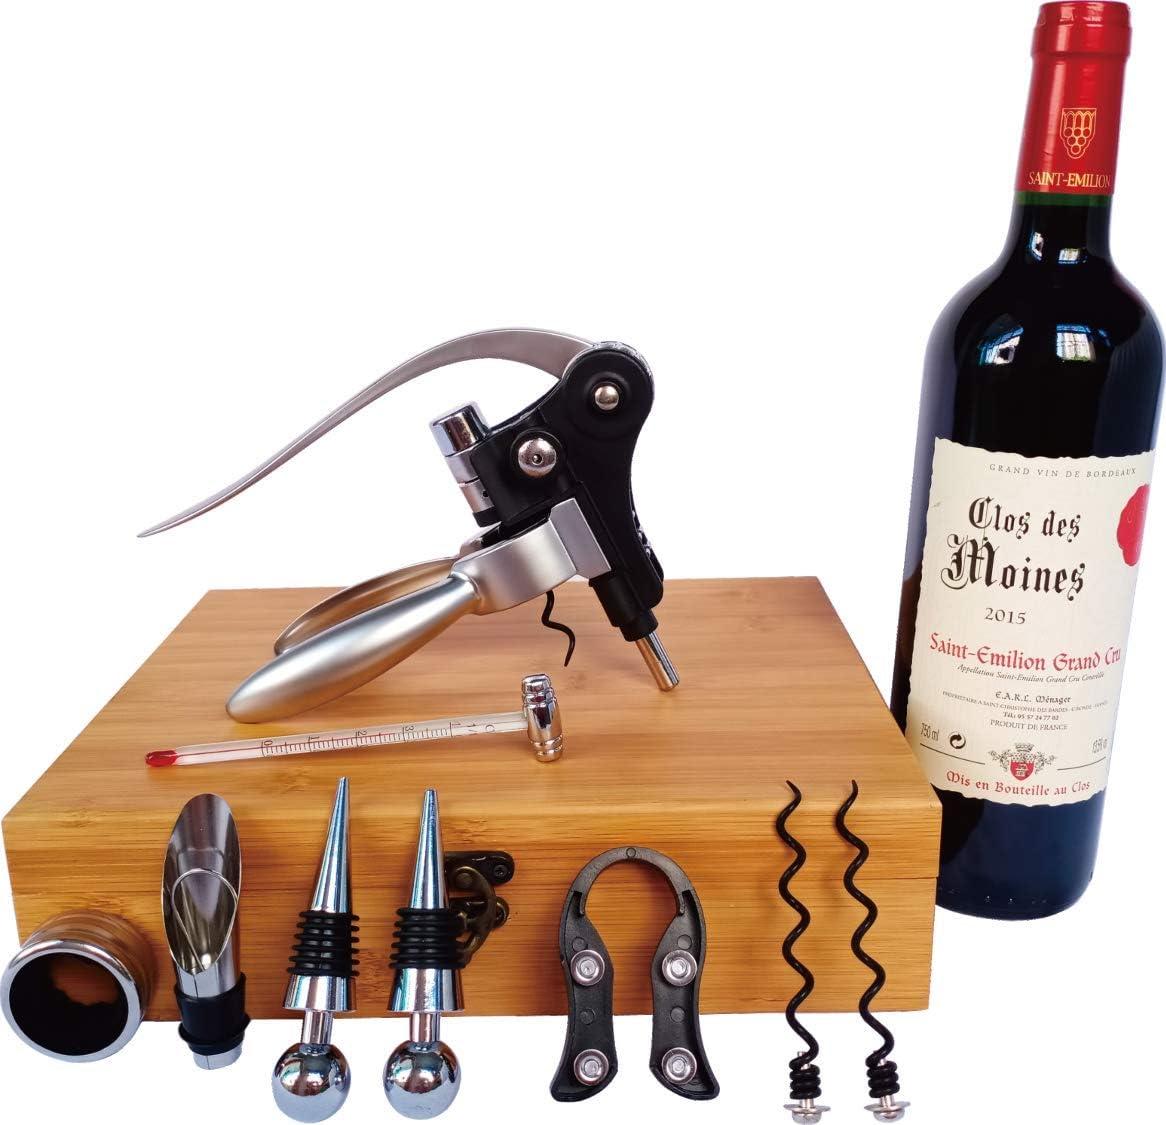 Compra Les Plaisirs du Chef - Caja de madera de bambú (regalo accesorios de vino, con sacacorchos de palanca y aireador) - 9 piezas en Amazon.es